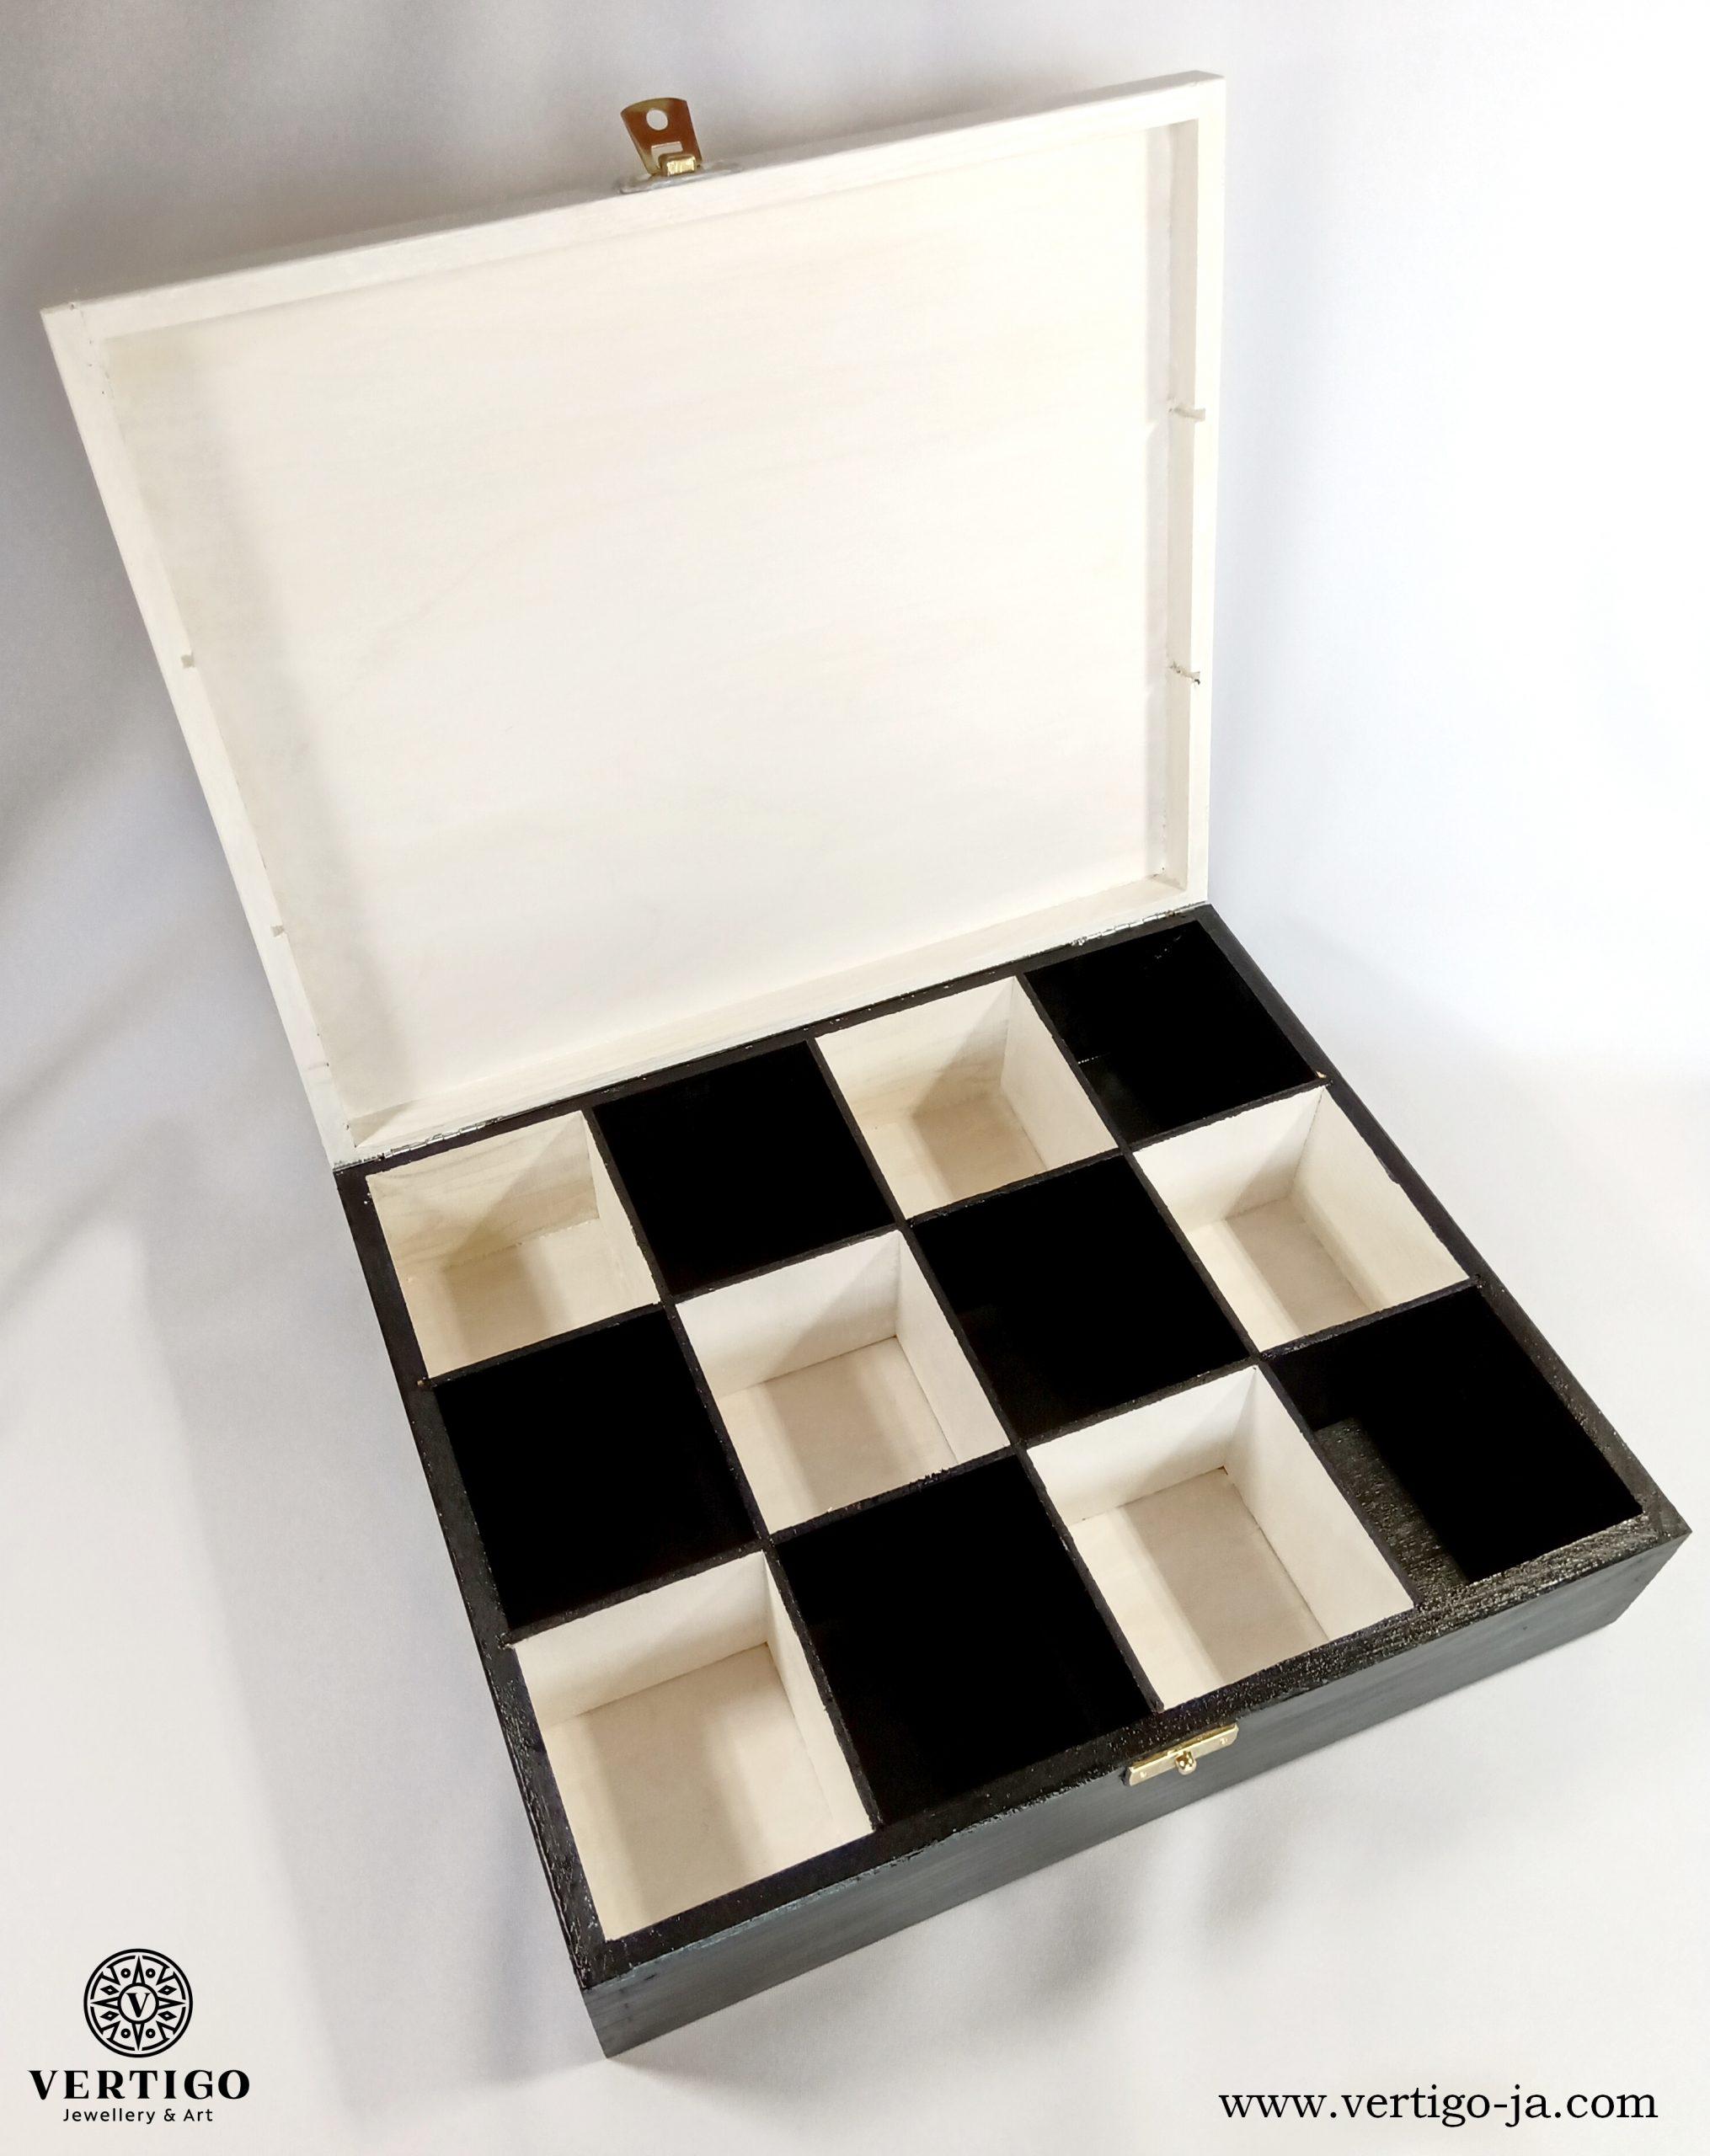 Wnętrze czarno-białej zamykanej szkatułki ze skorpionem